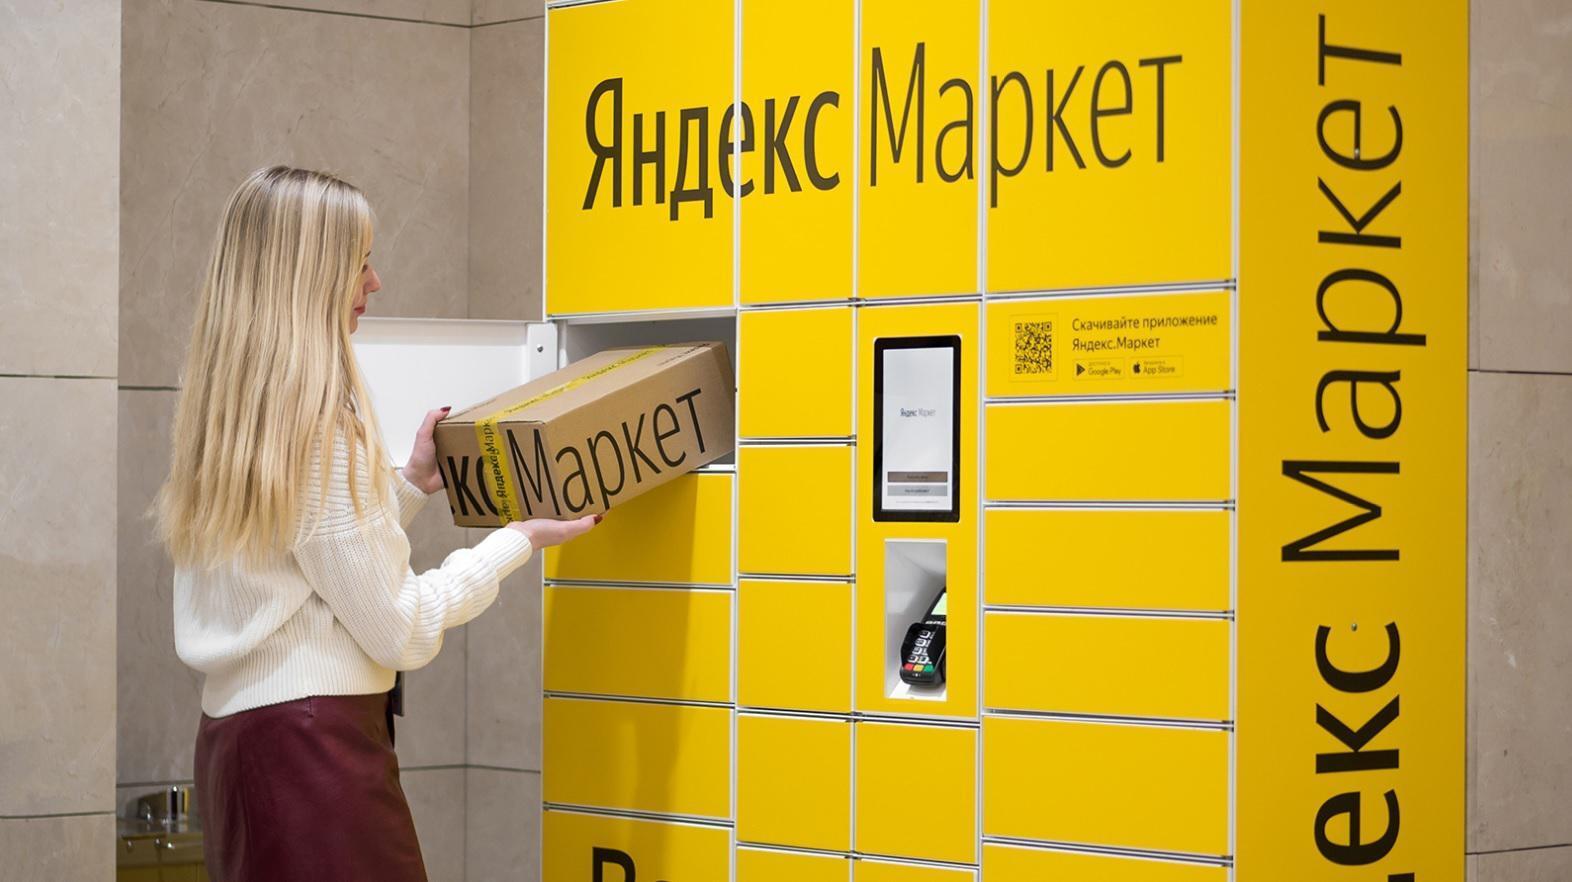 Яндекс запустил сервис для оплаты покупок по частям